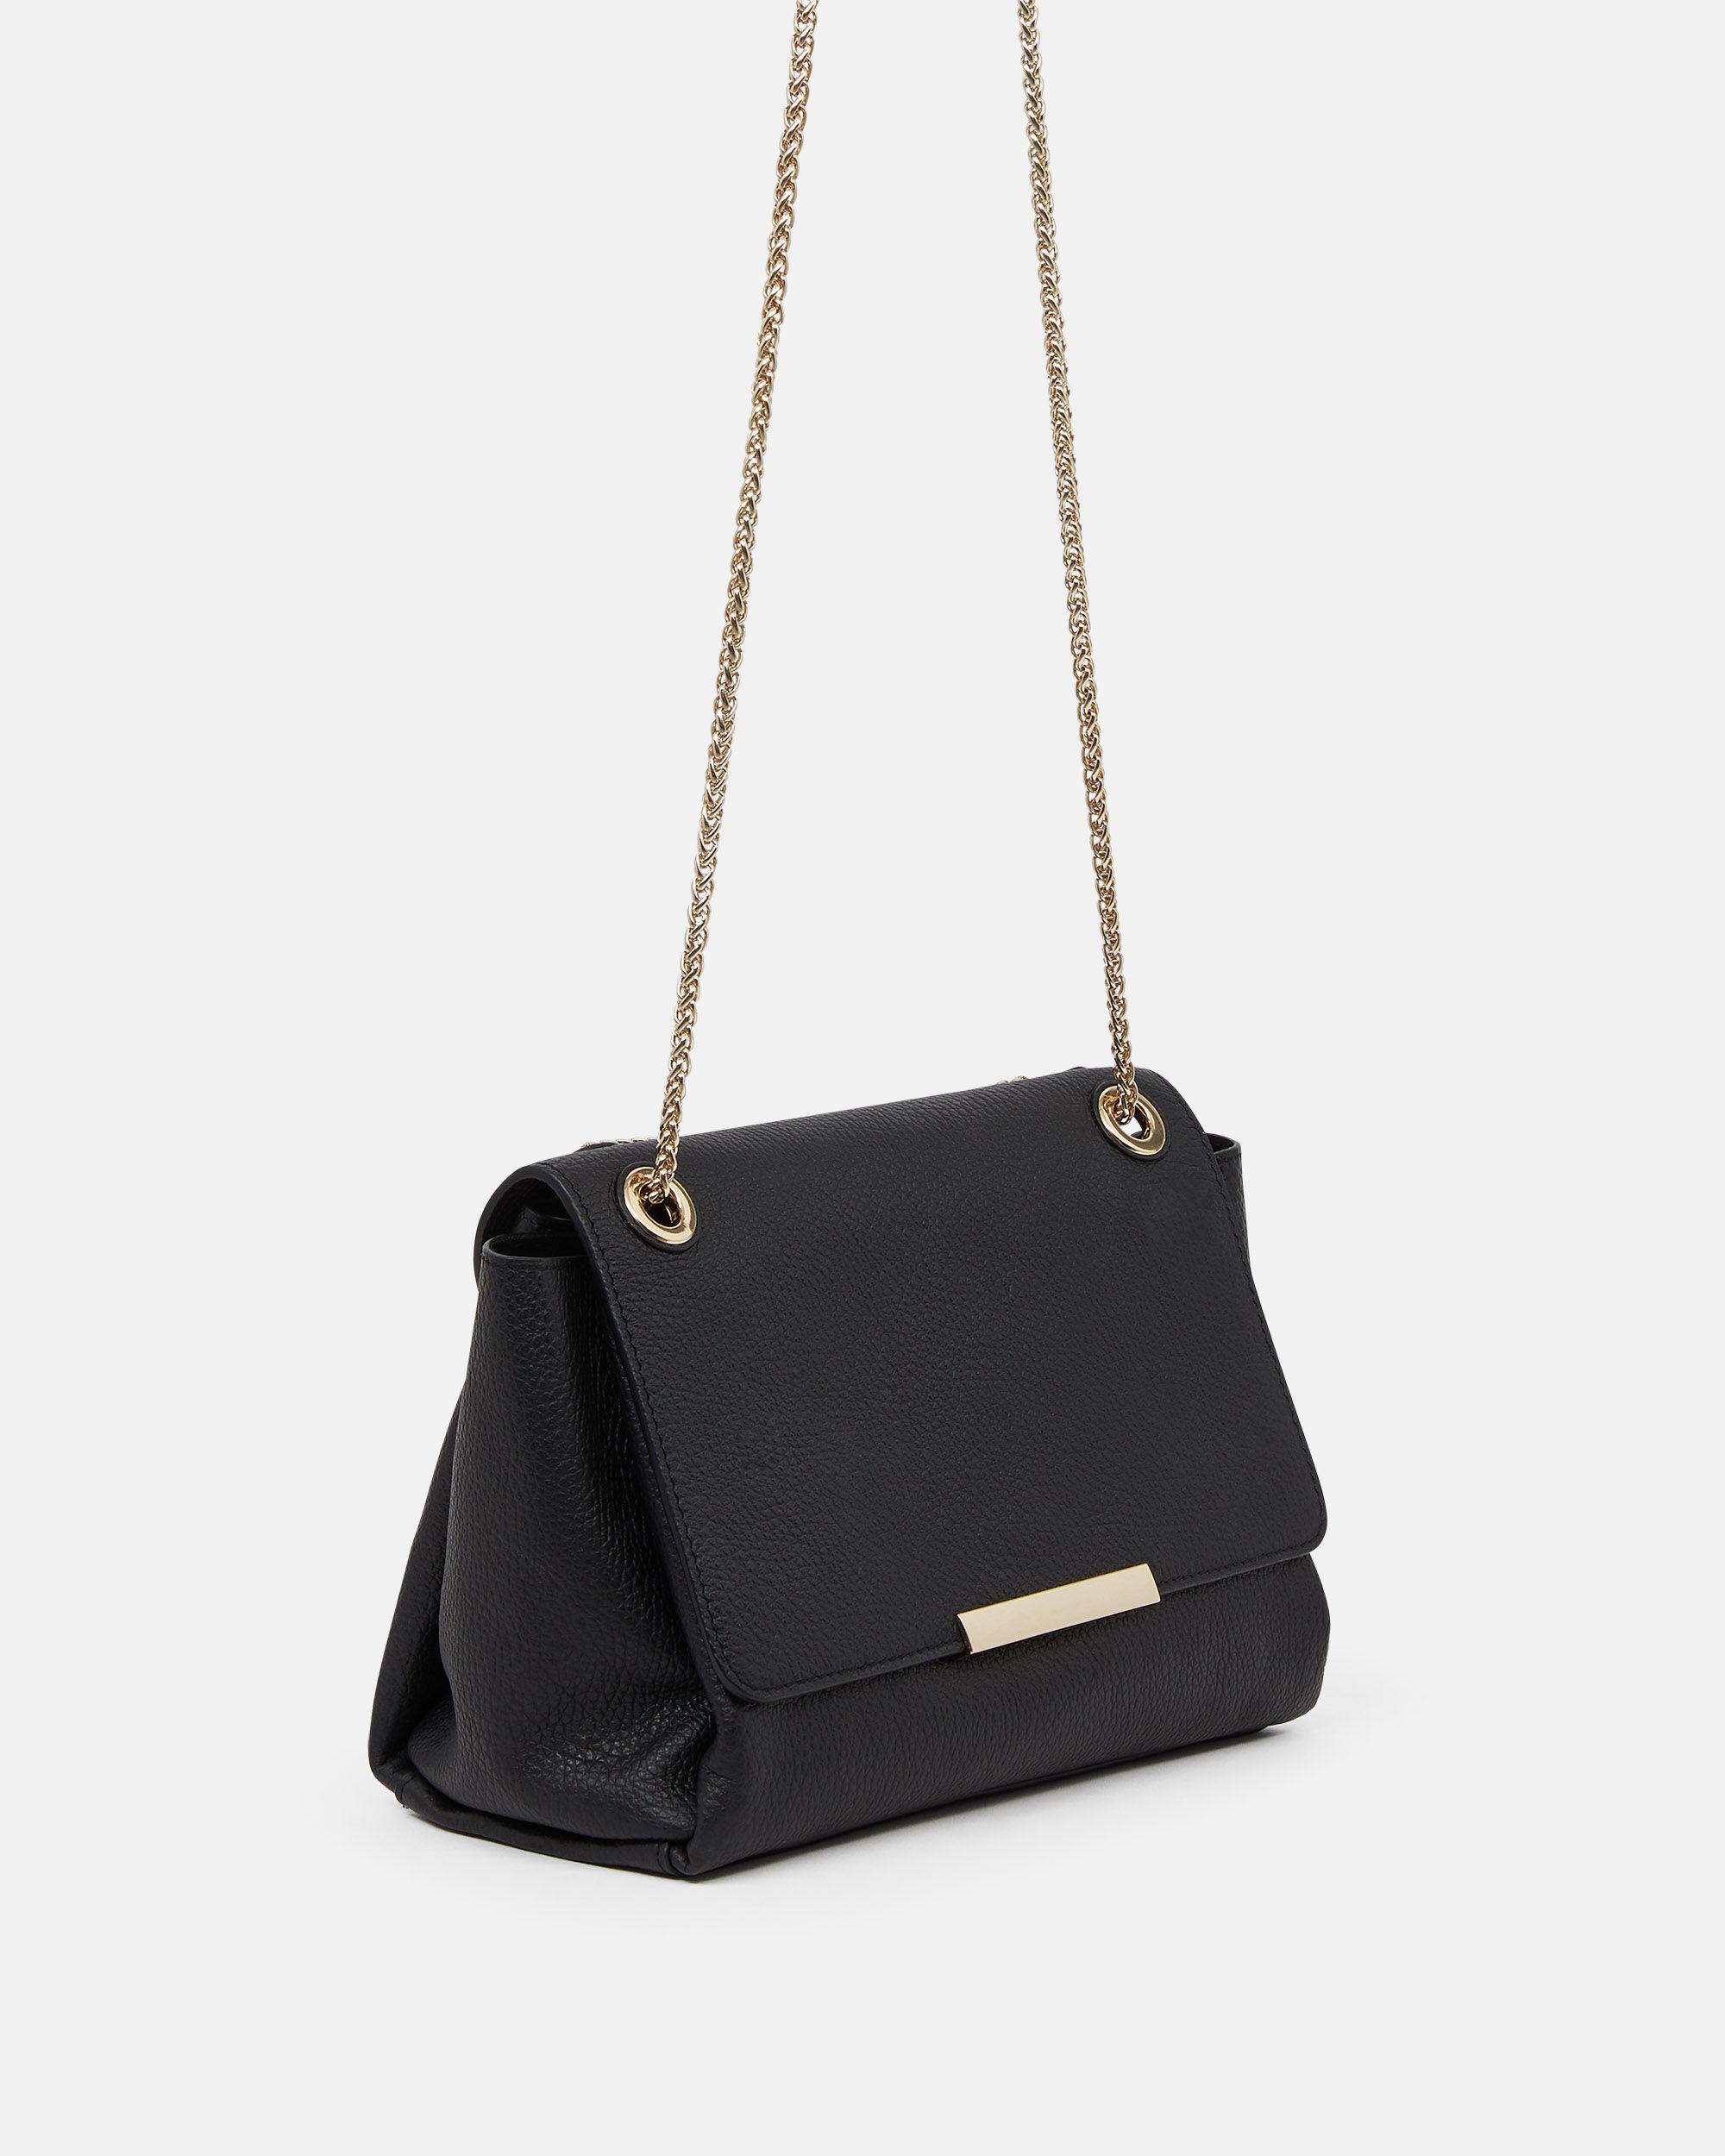 Sacoche femme, pochette et petit sac à main pour femme - Minelli